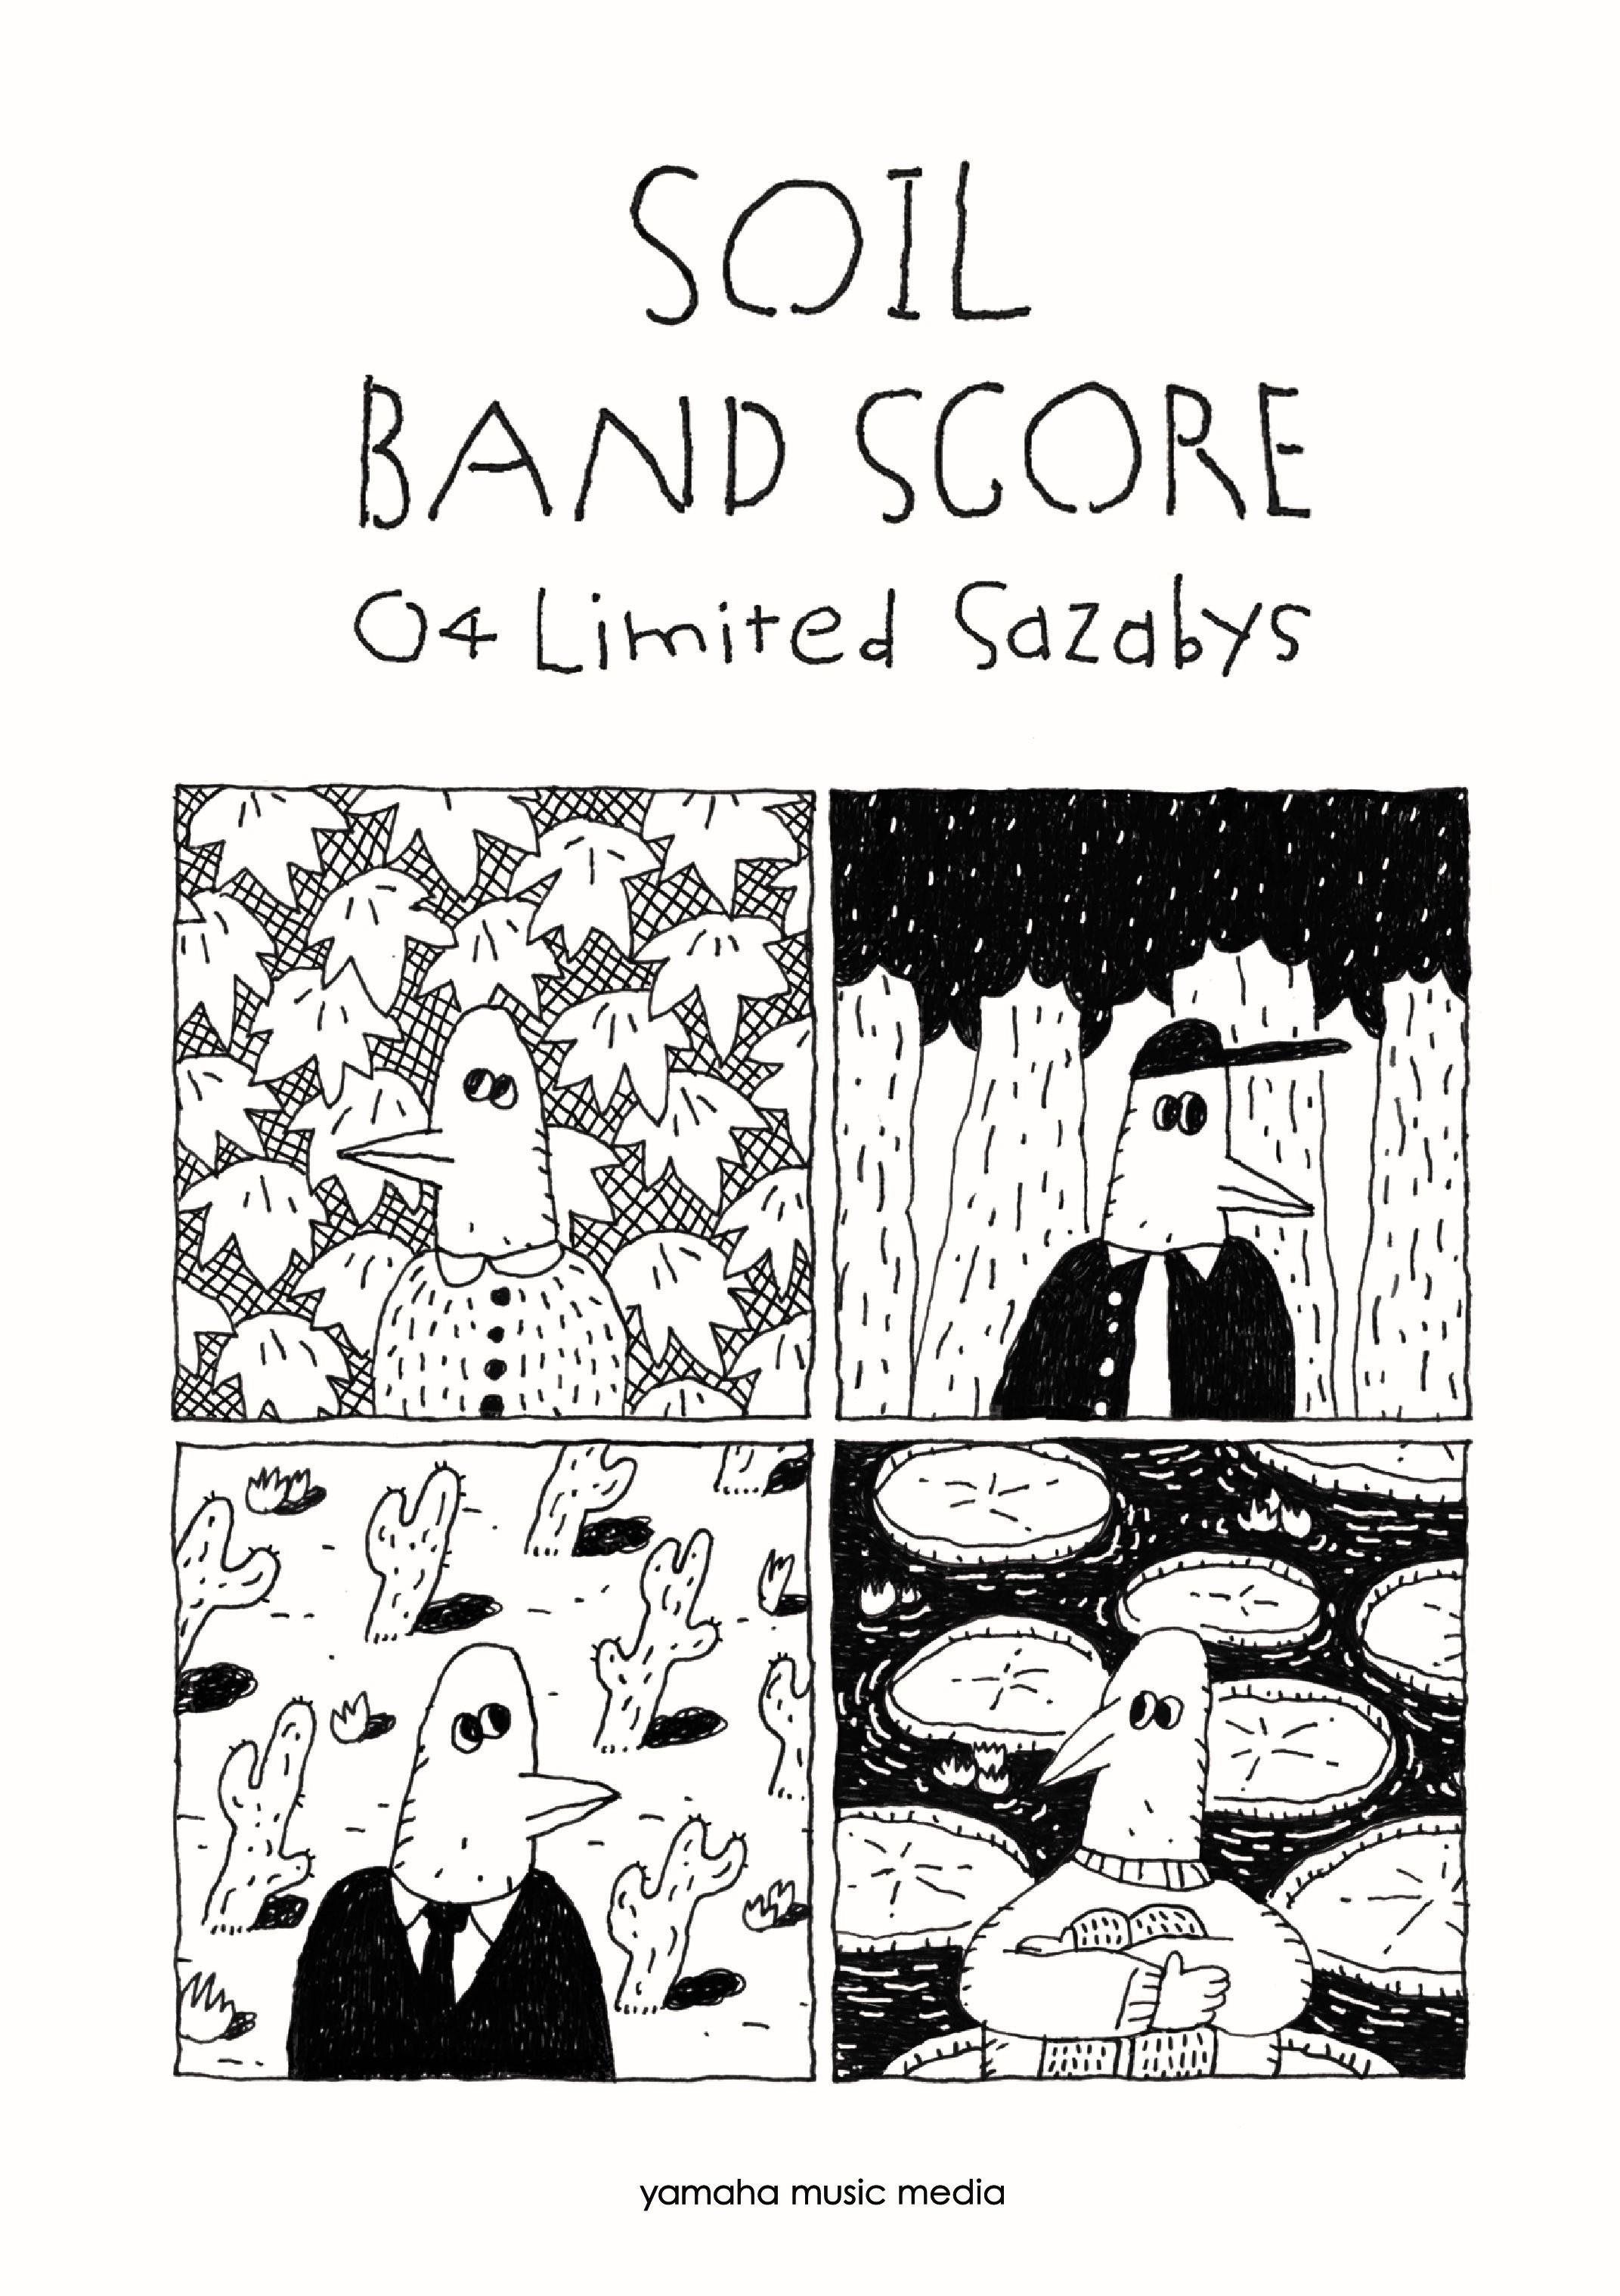 04 Limited Sazabys『SOIL』のオフィシャルバンドスコア発売決定!